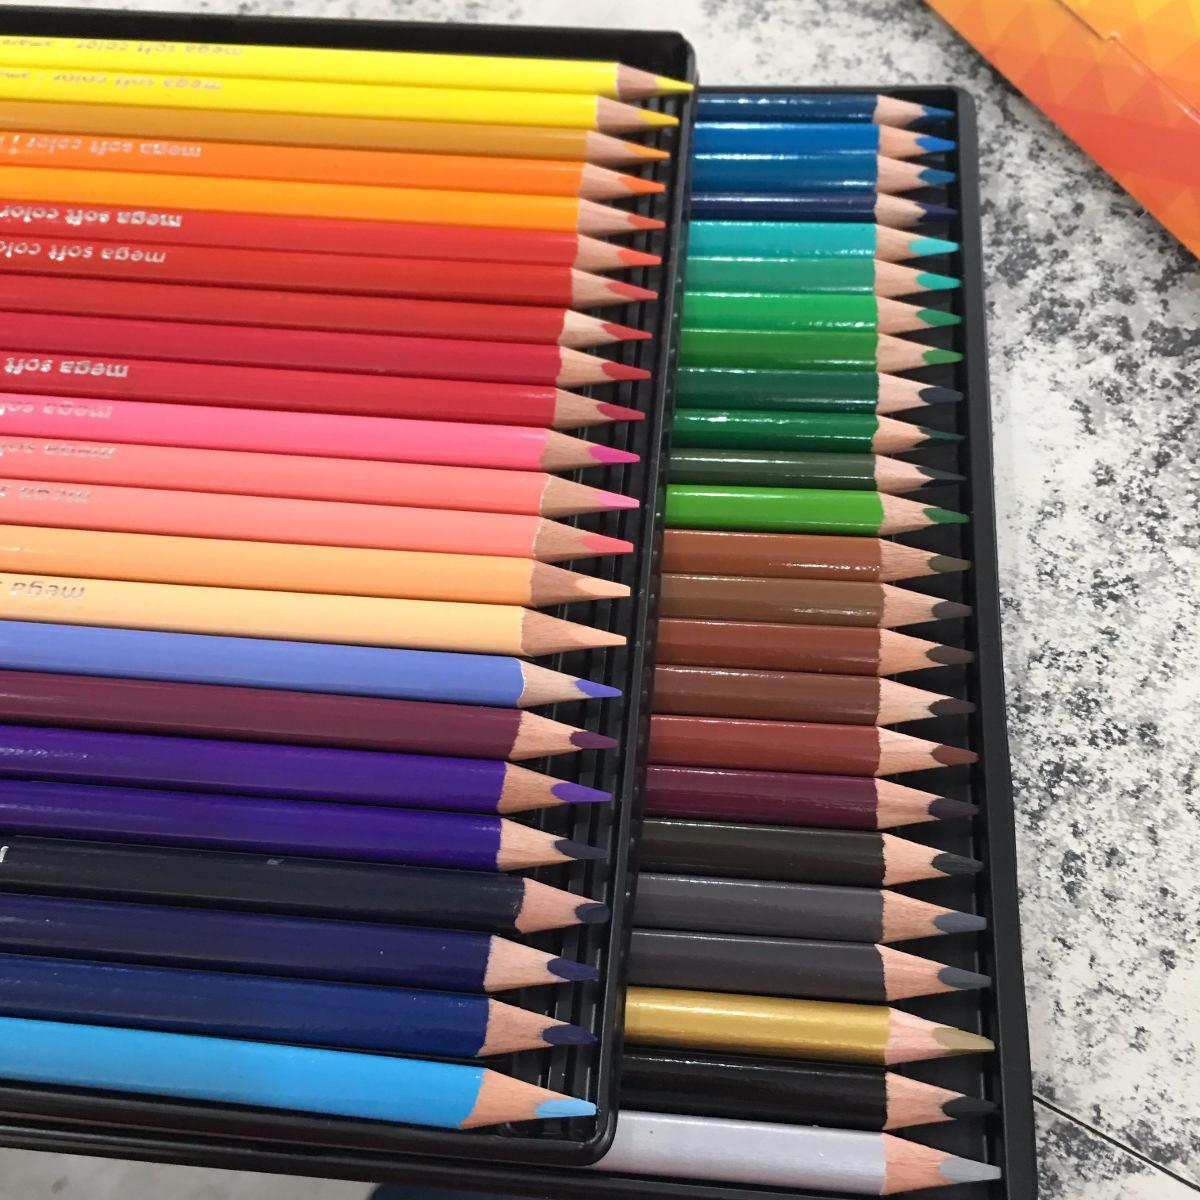 Lápis de Cor 90 cores Tris Mega Soft Color + Brinde (48 Mega Soft Color + 12 Tons de Pele  + 12 Tom Pastel + 12 Metálico + 6 Neon)